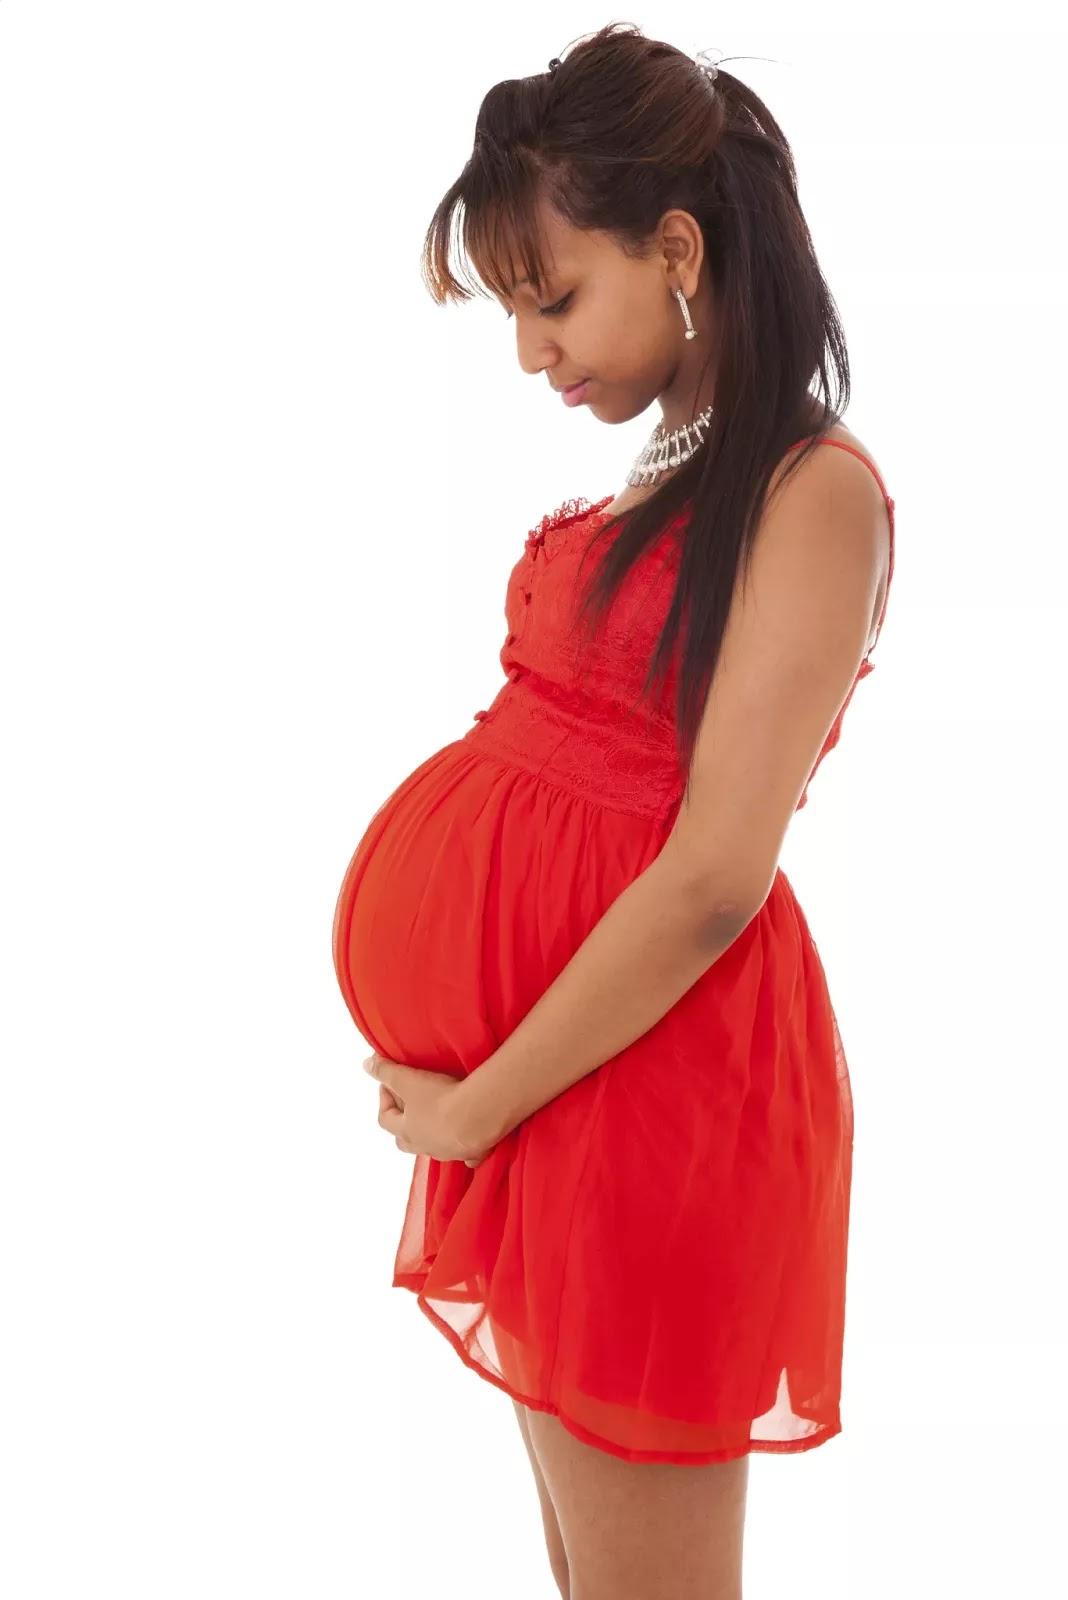 Image Result For Tips Kesehatan Tubuh Wanita